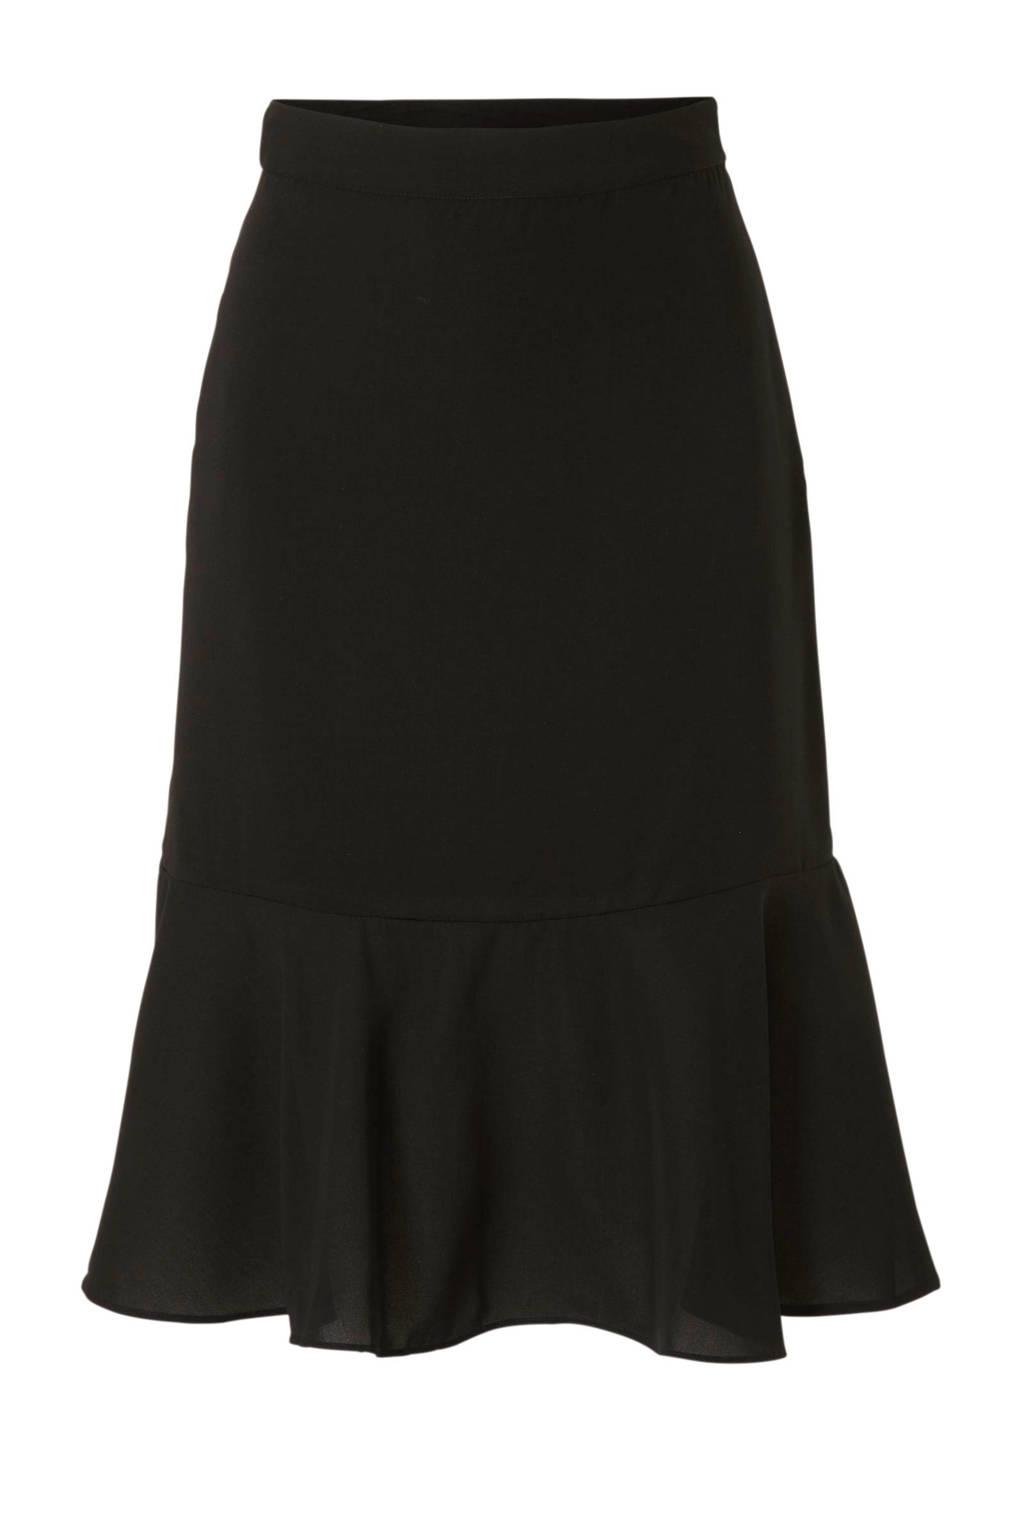 NA-KD x Anna Nooshin rok met volant zwart, Zwart